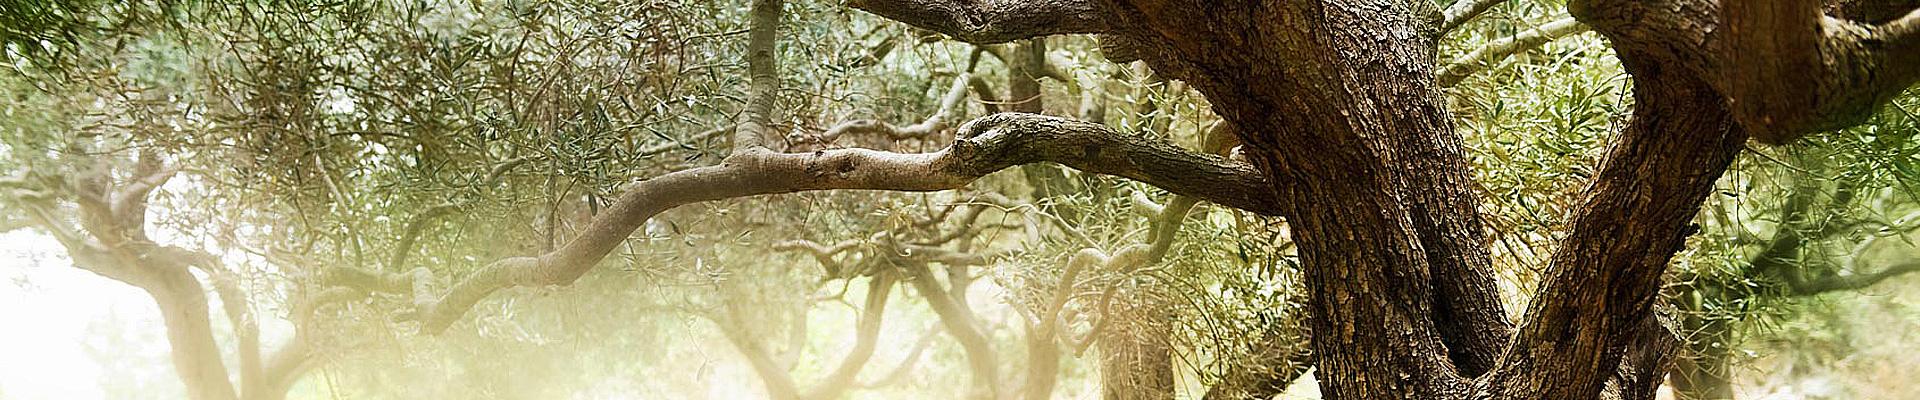 almasol-olivenöl-slider-6